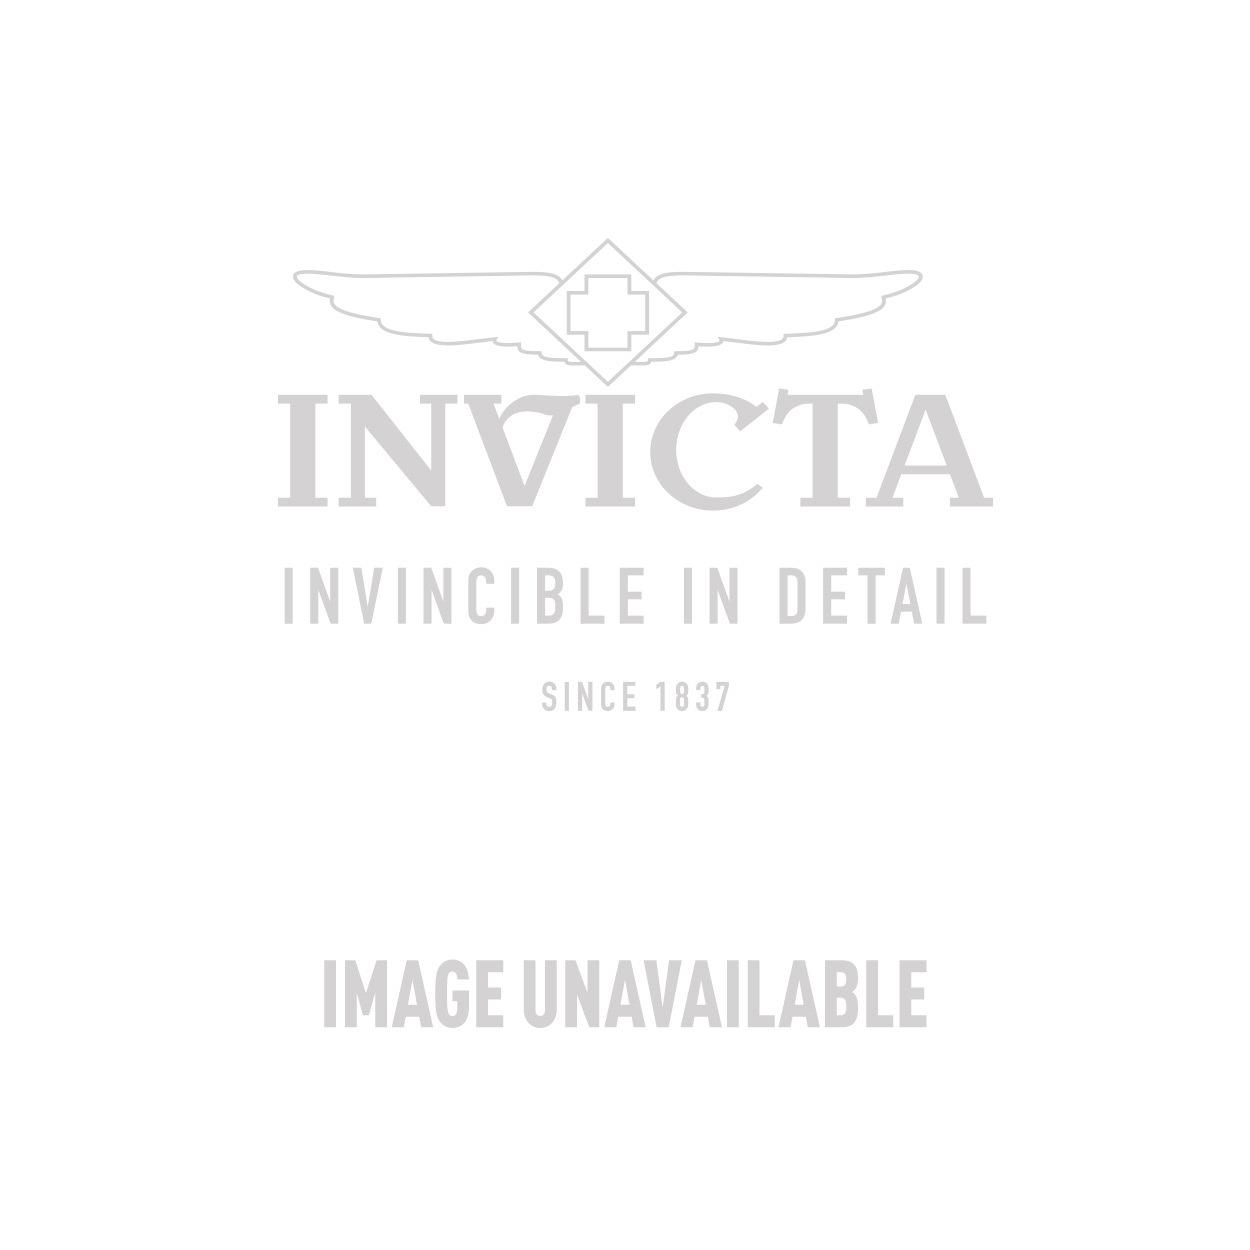 Invicta Subaqua Swiss Made Quartz Watch - Titanium, Stainless Steel case with Red tone Ceramic, Titanium, Plastic band - Model 12779